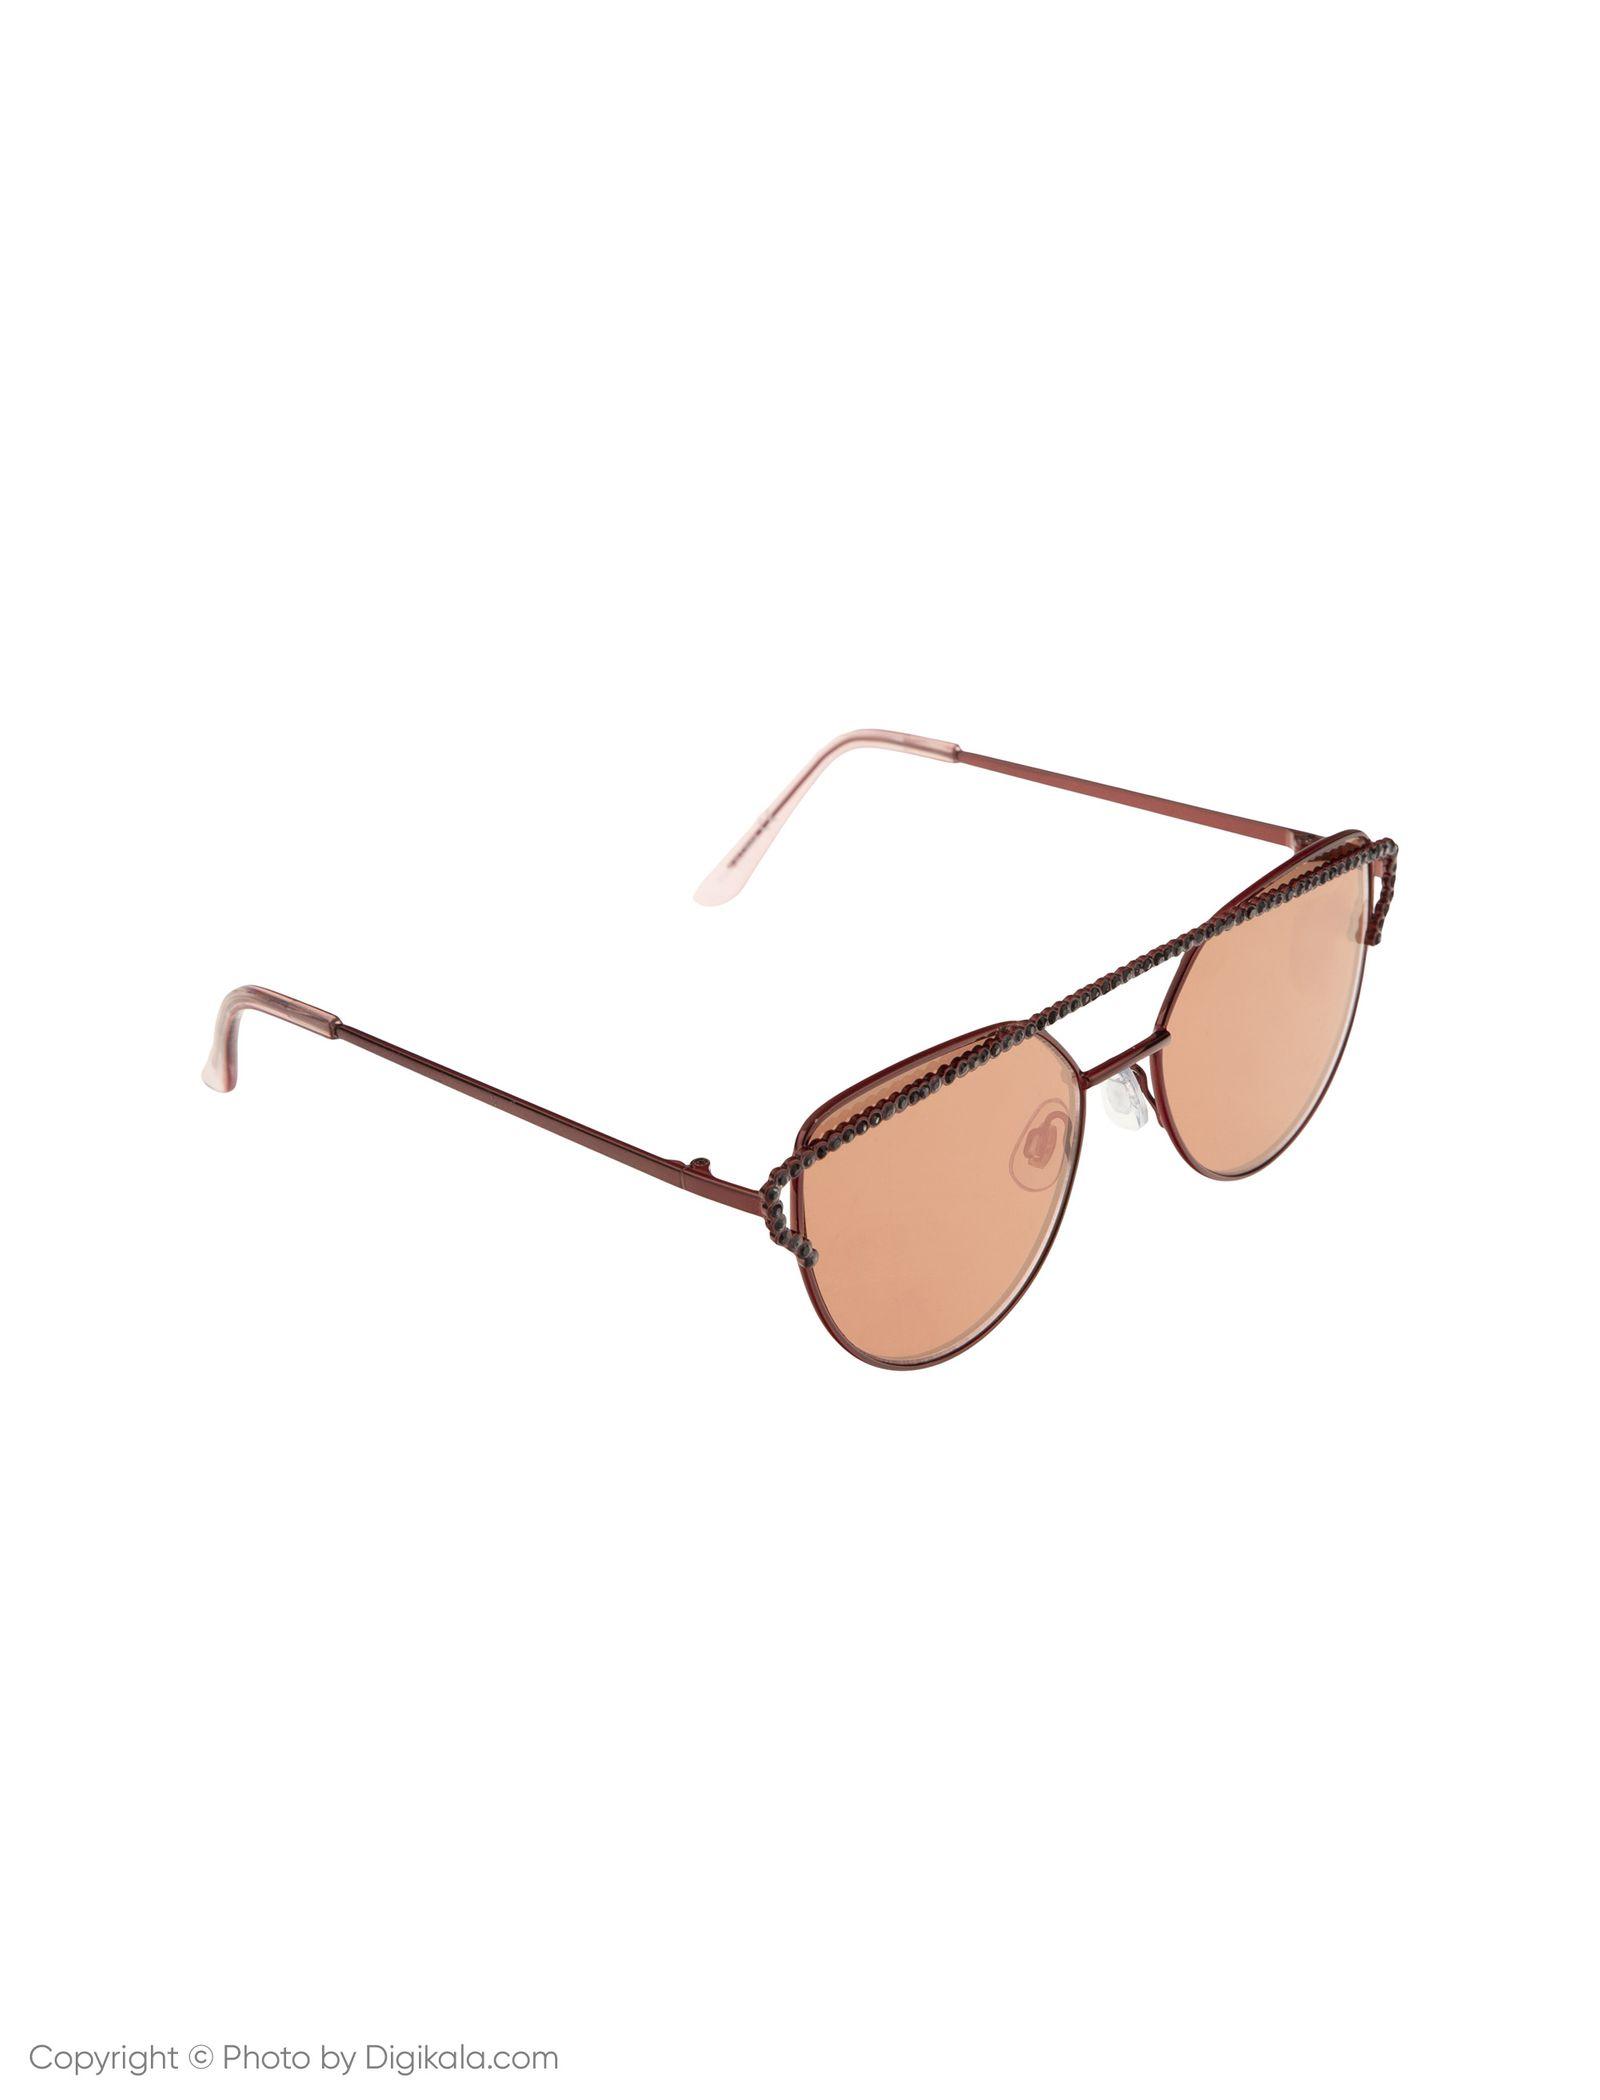 عینک آفتابی زنانه آلدو مدل 57211087 - نارنجی - 4